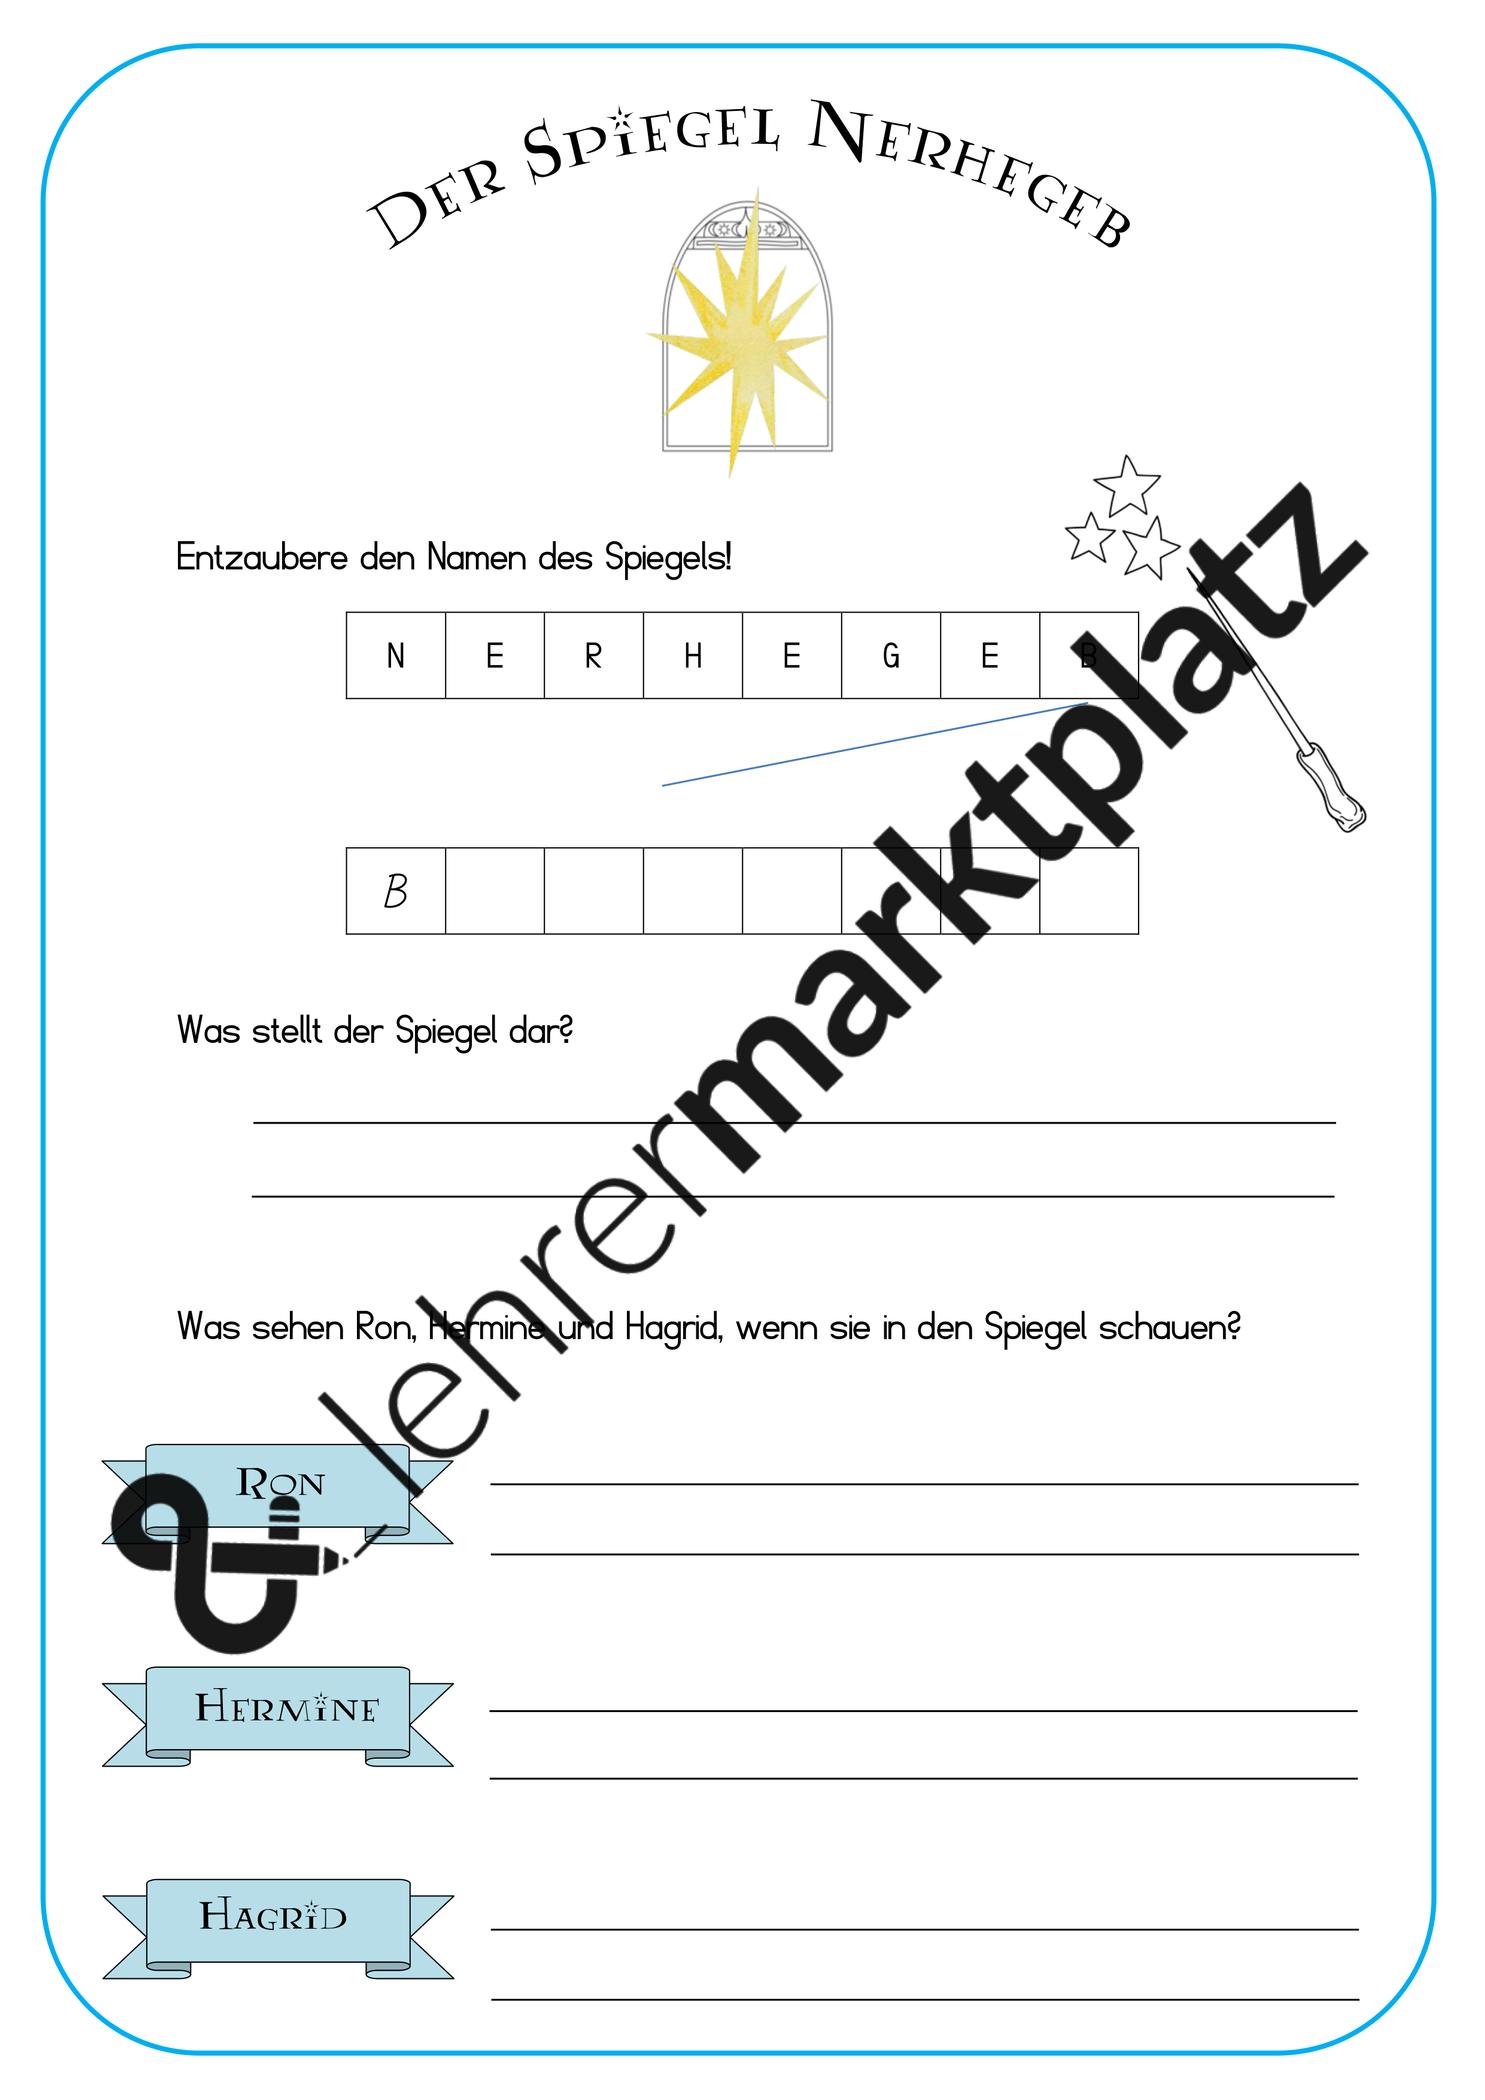 Der Spiegel Nerhegeb Harry Potter Stunde Unterrichtsmaterial Im Fach Deutsch Kinder Lesen Harry Potter Arbeitsblatter Deutsch